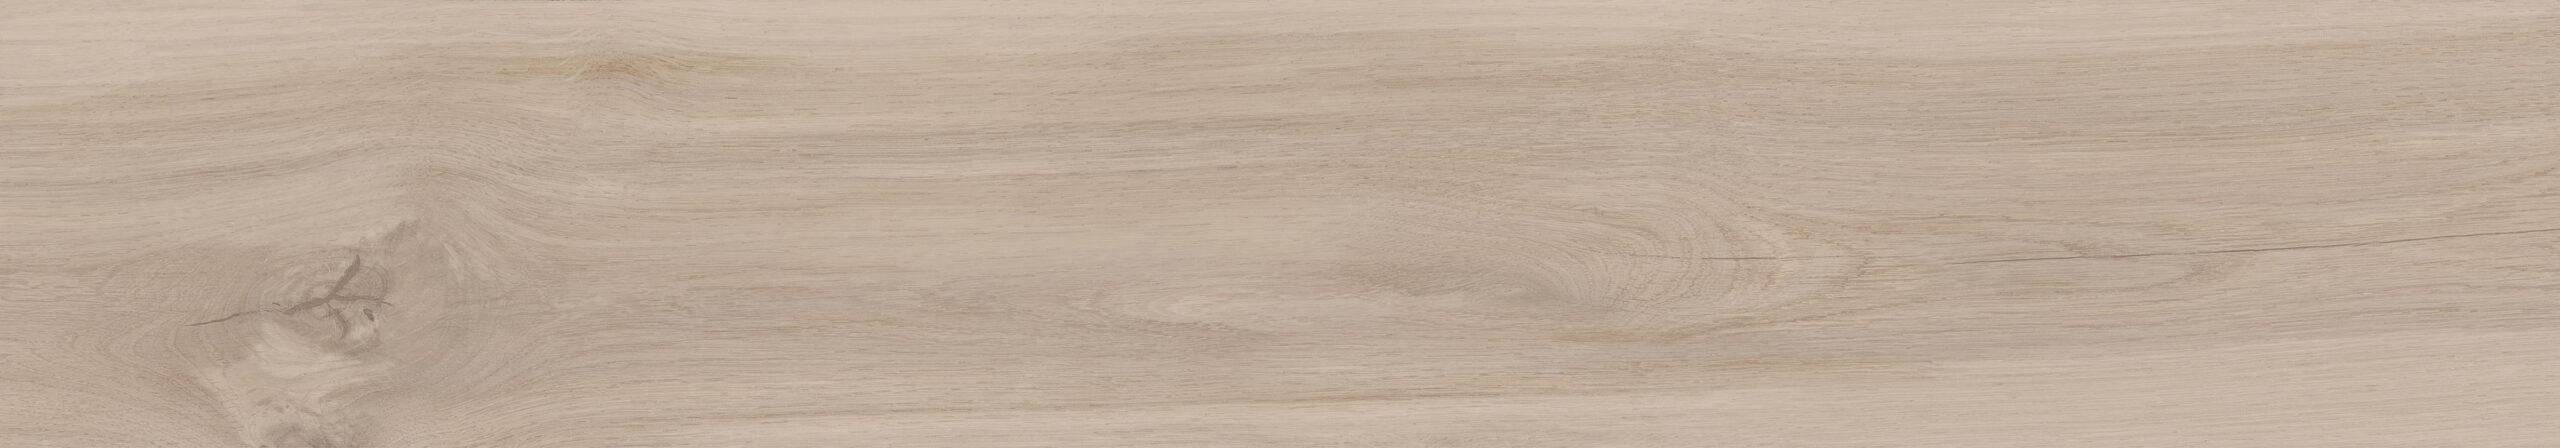 Essential Wood Maple 20x114cm